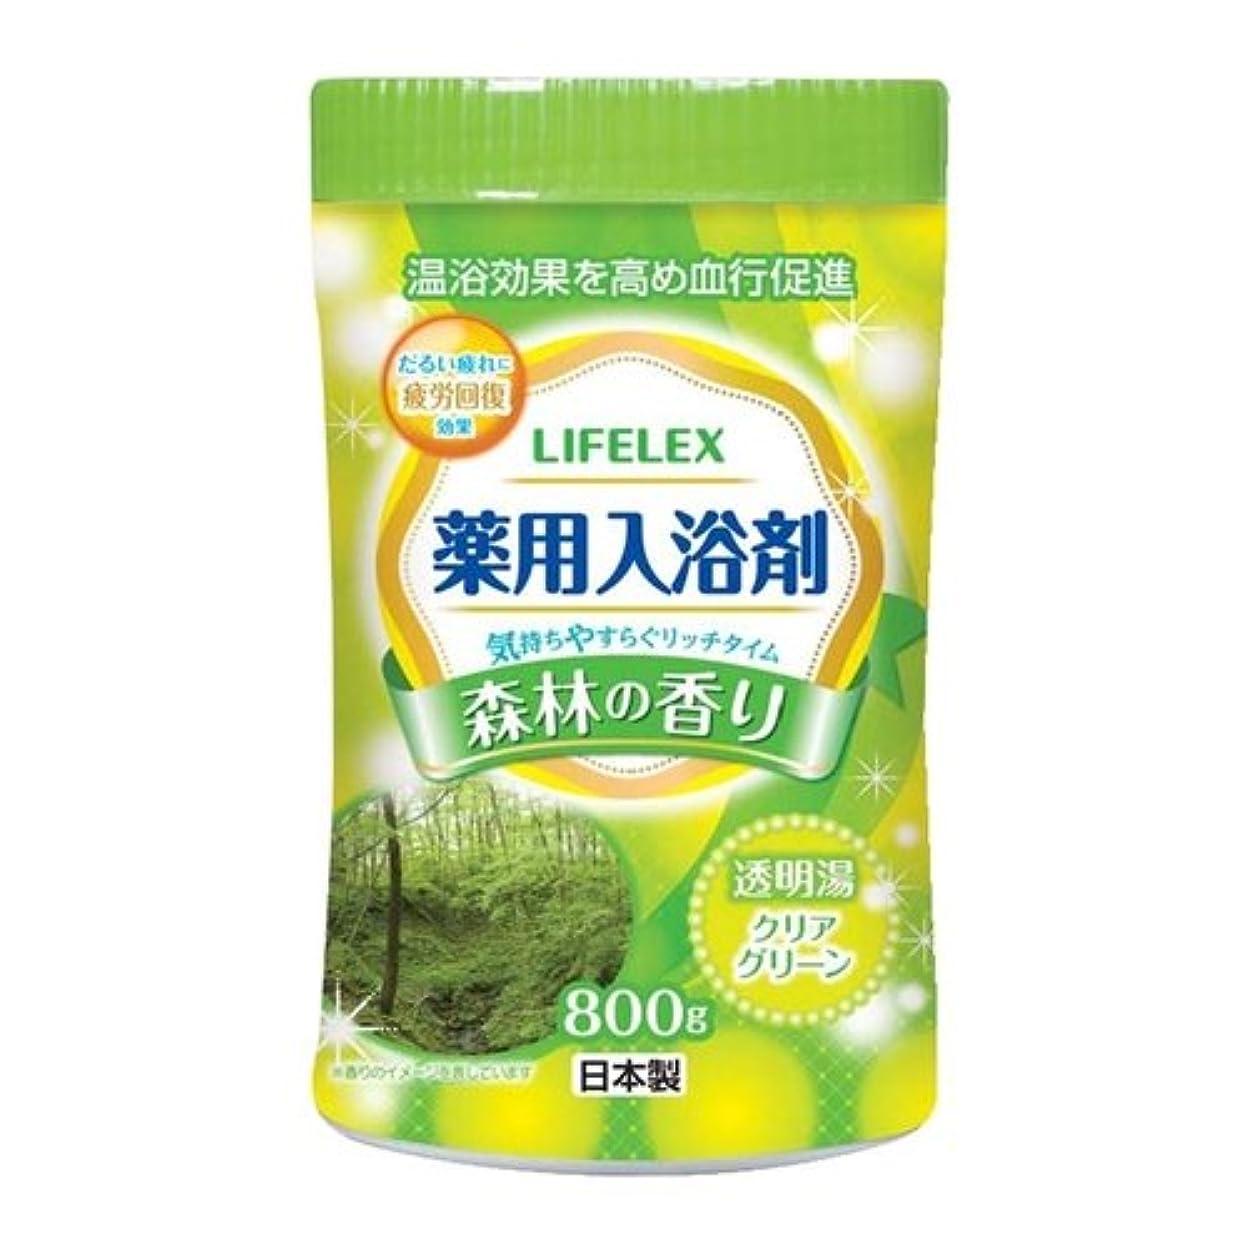 上回るアトミック貸し手コーナンオリジナル 薬用入浴剤 森林の香り 800g